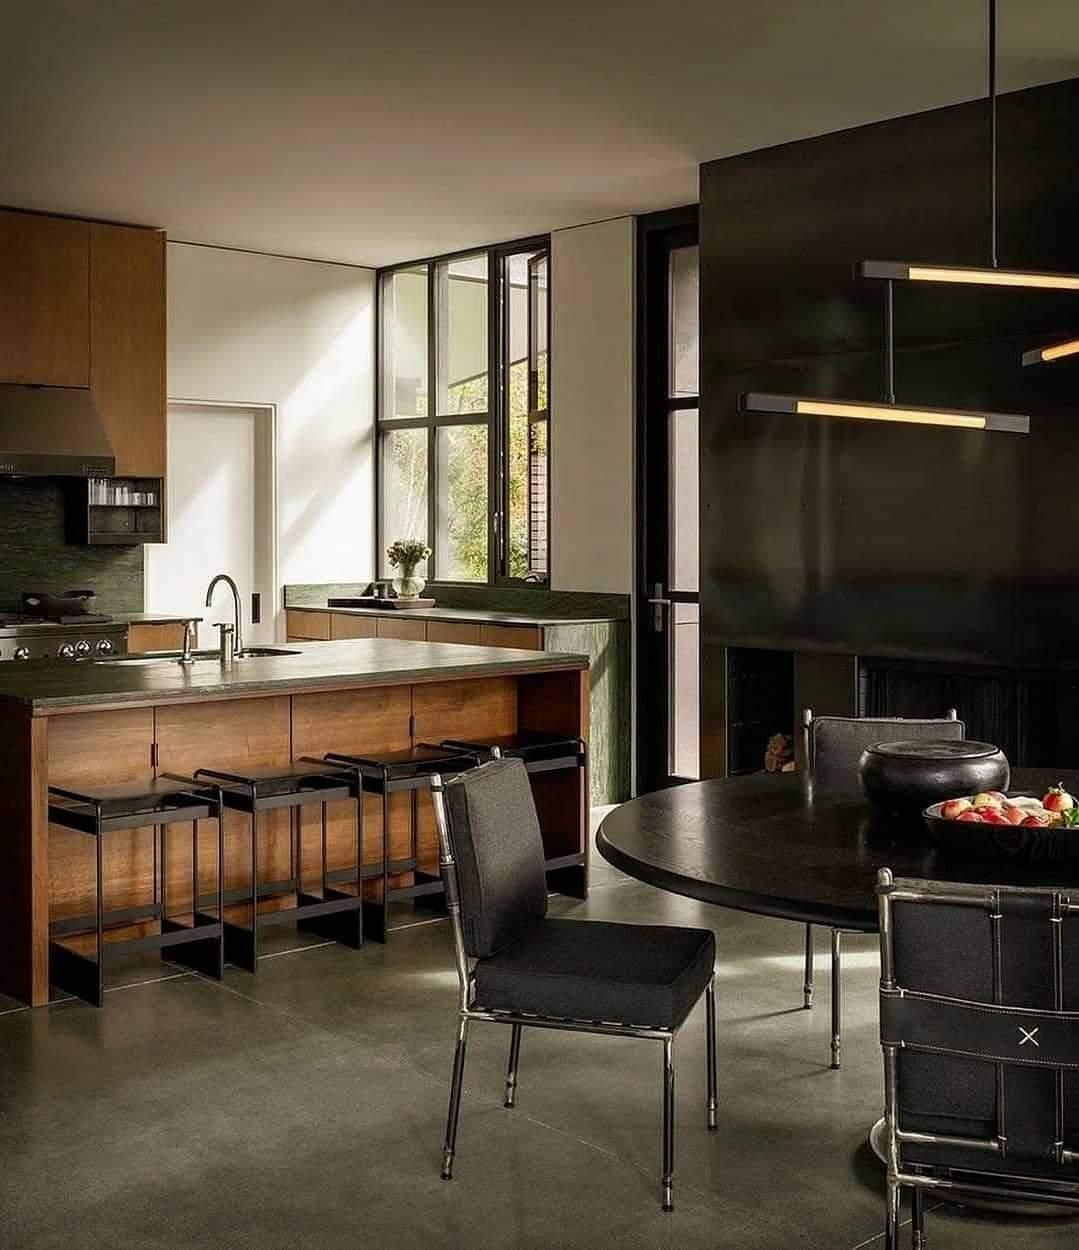 Mind-Blowing Kitchen Interior Set Up - Source: Olson Kundig